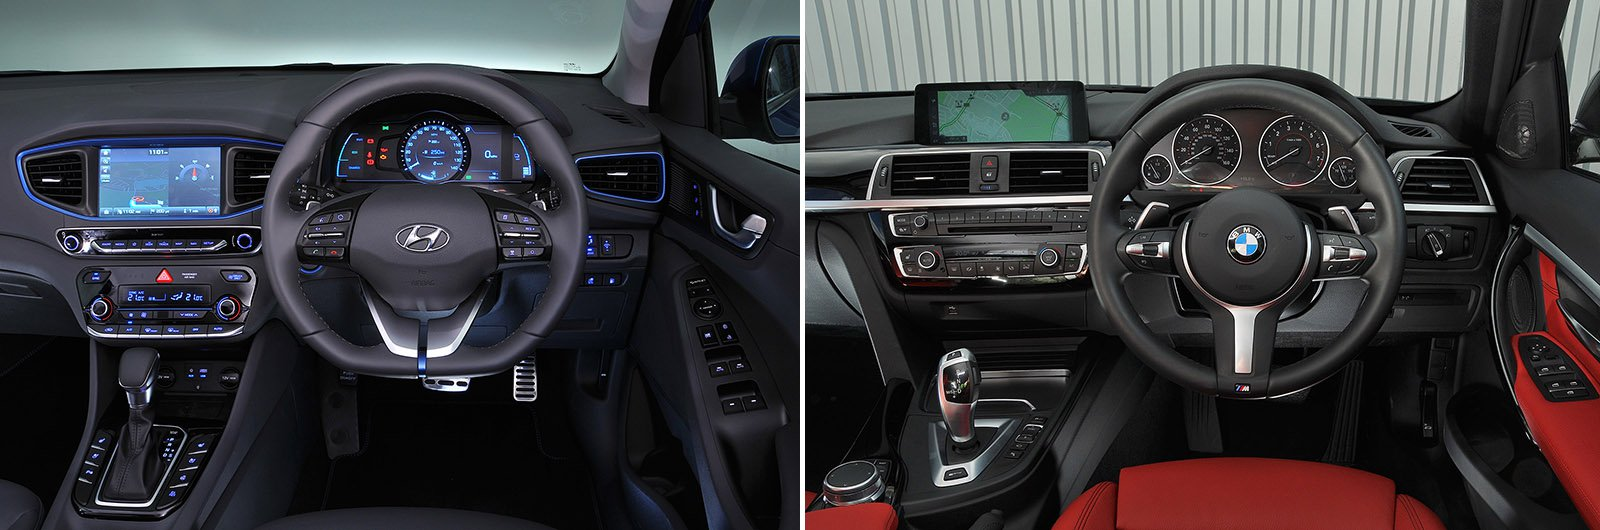 Used BMW 330e vs new Hyundai Ioniq